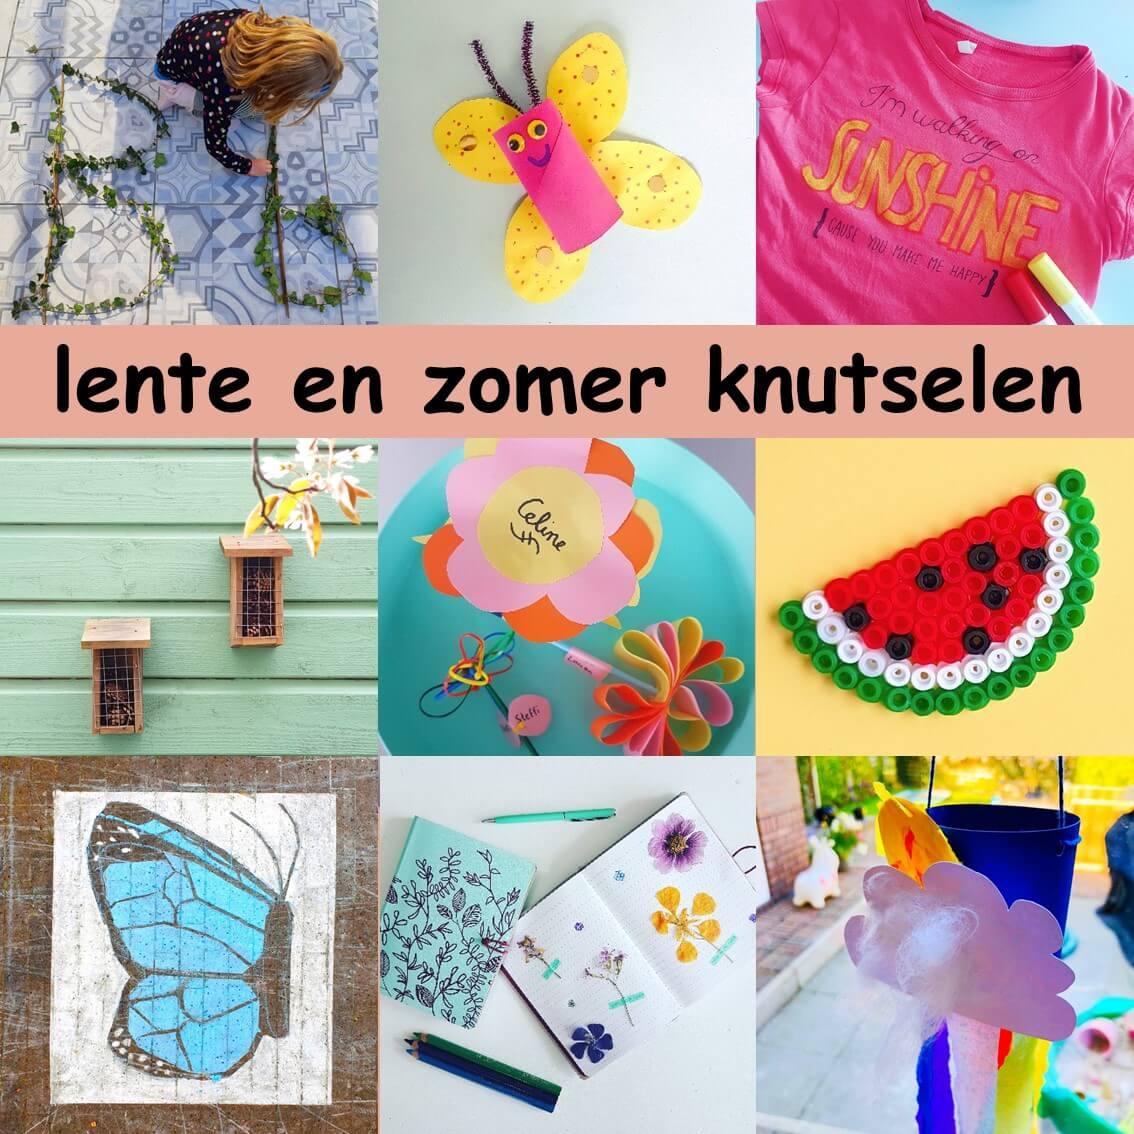 Lente en zomer knutselen: leuke ideeën voor kinderen